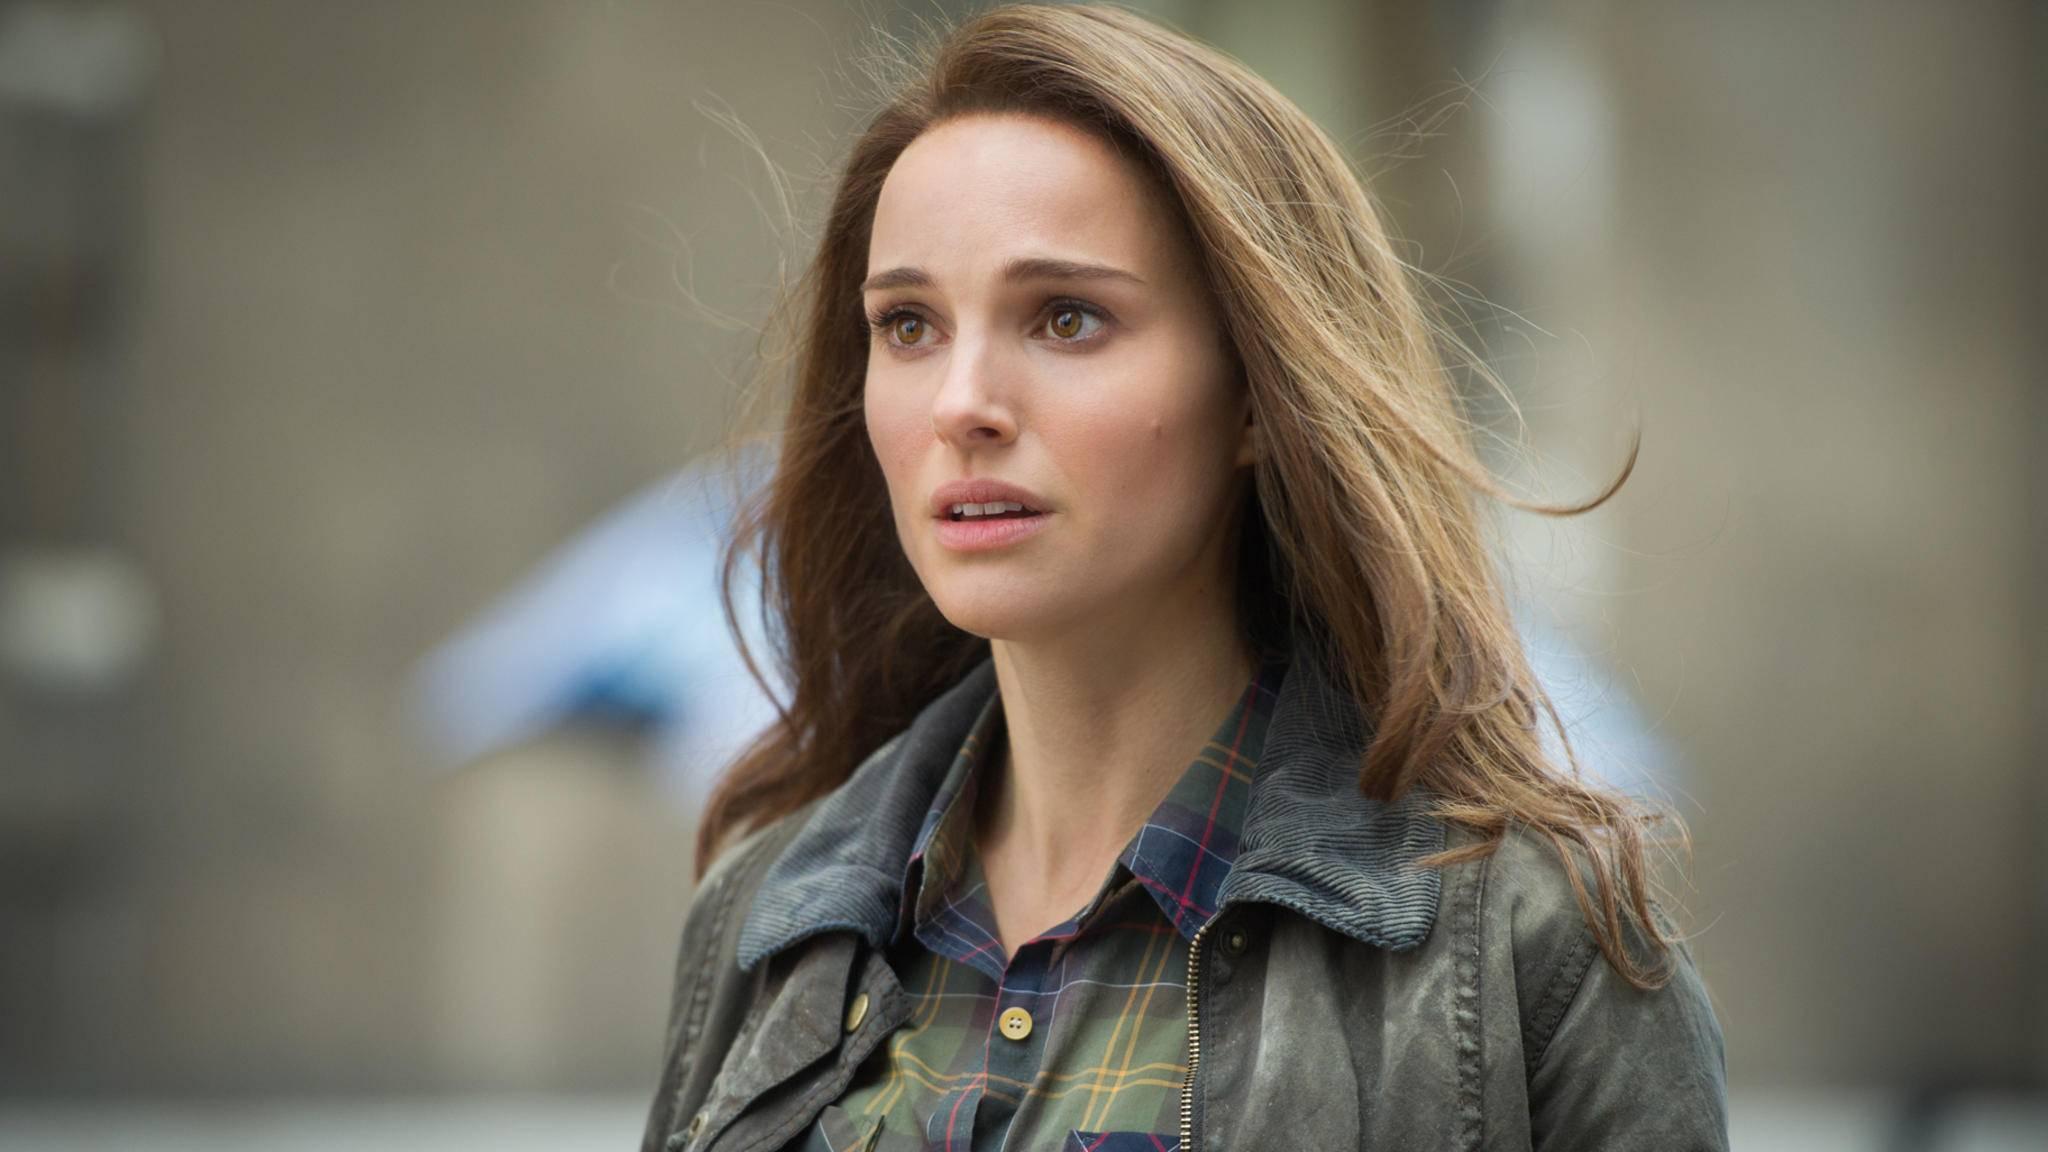 Natalie Portman ist als Jane Foster auch Teil des Marvel Cinematic Universe (MCU).